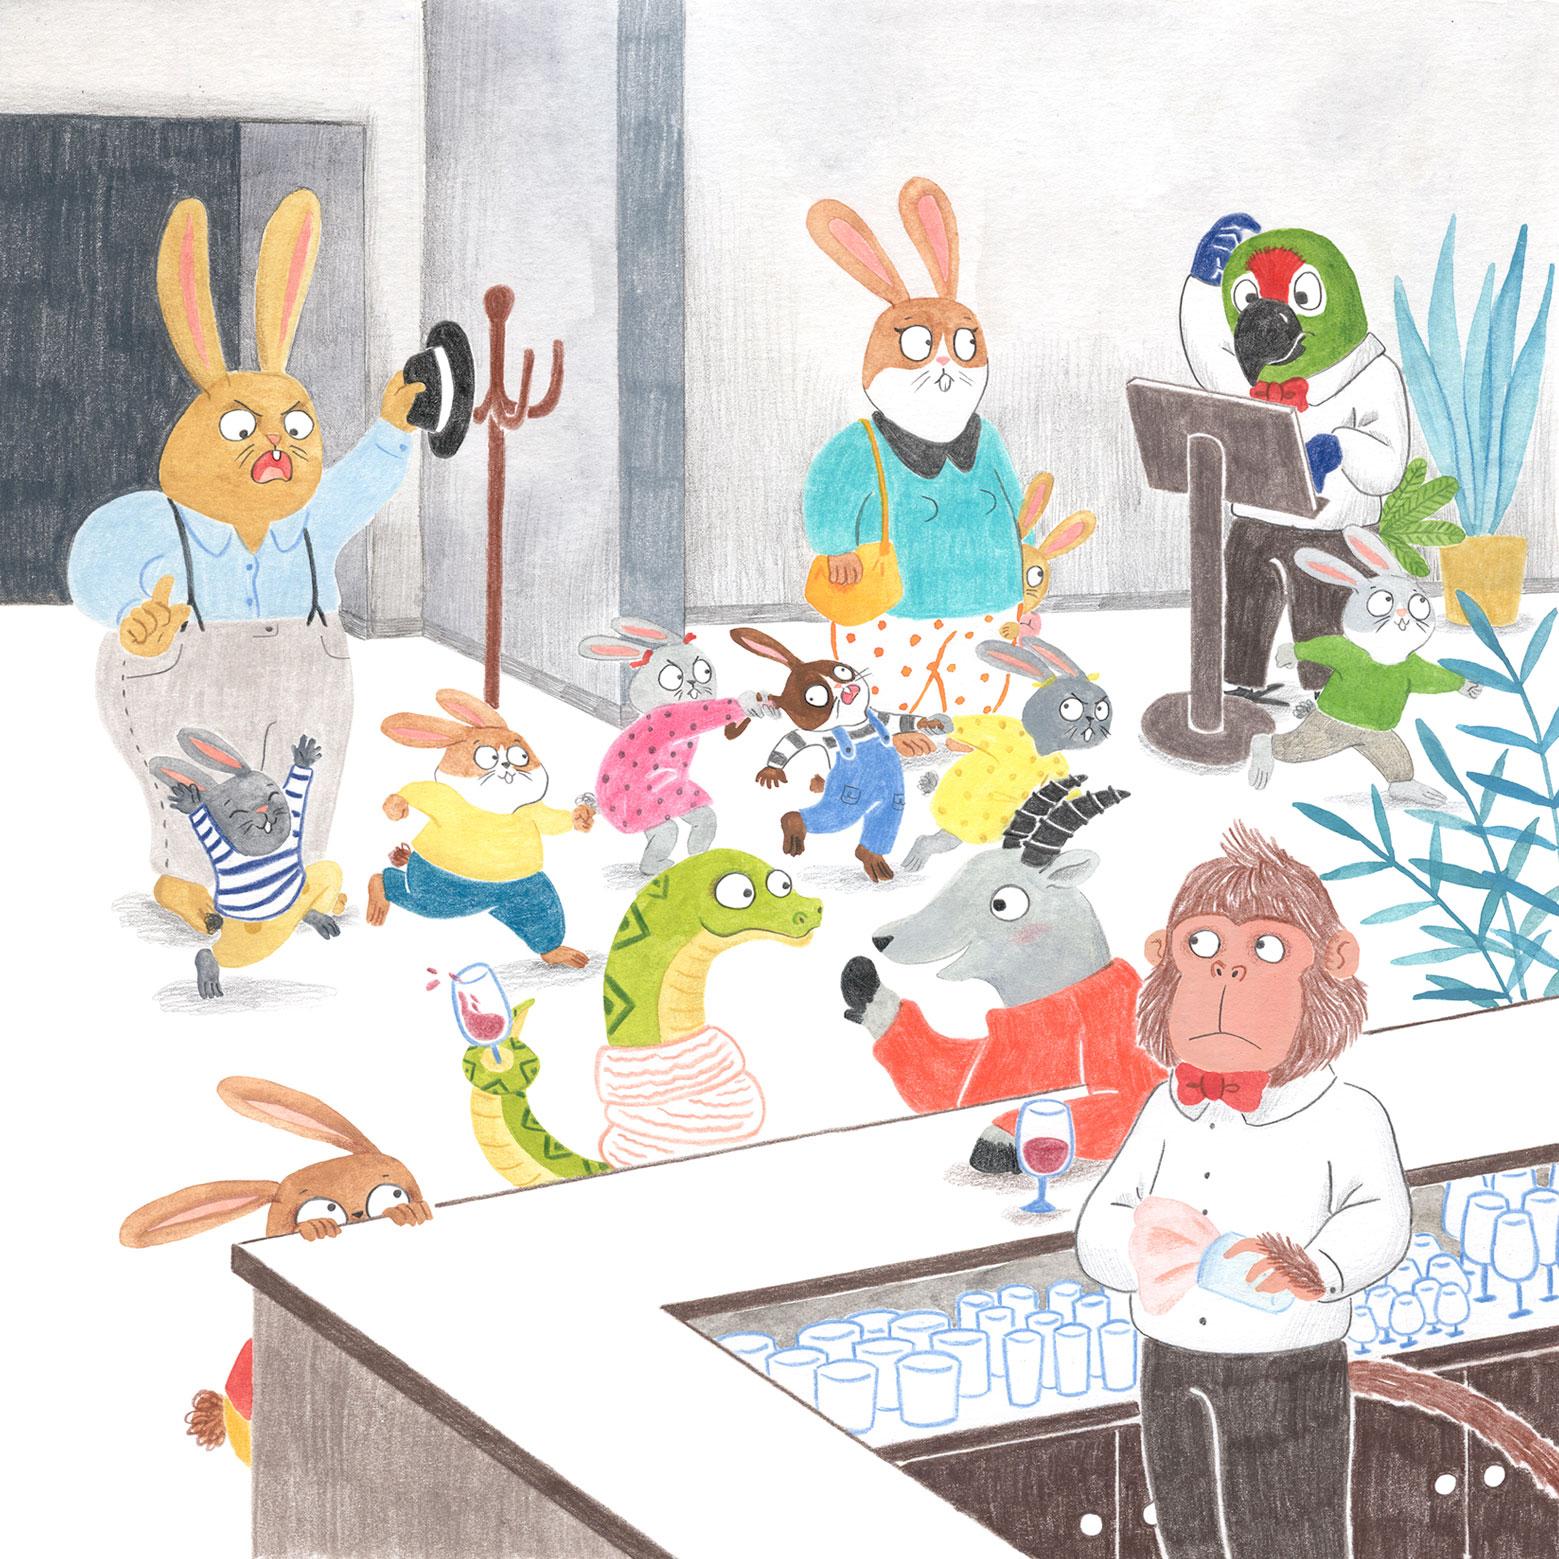 ilustracion infantil, album ilustrado, ilustracion para niños, ilustracion de animales, dibujo para niños, ilustracion de restaurante, Mar Villar,